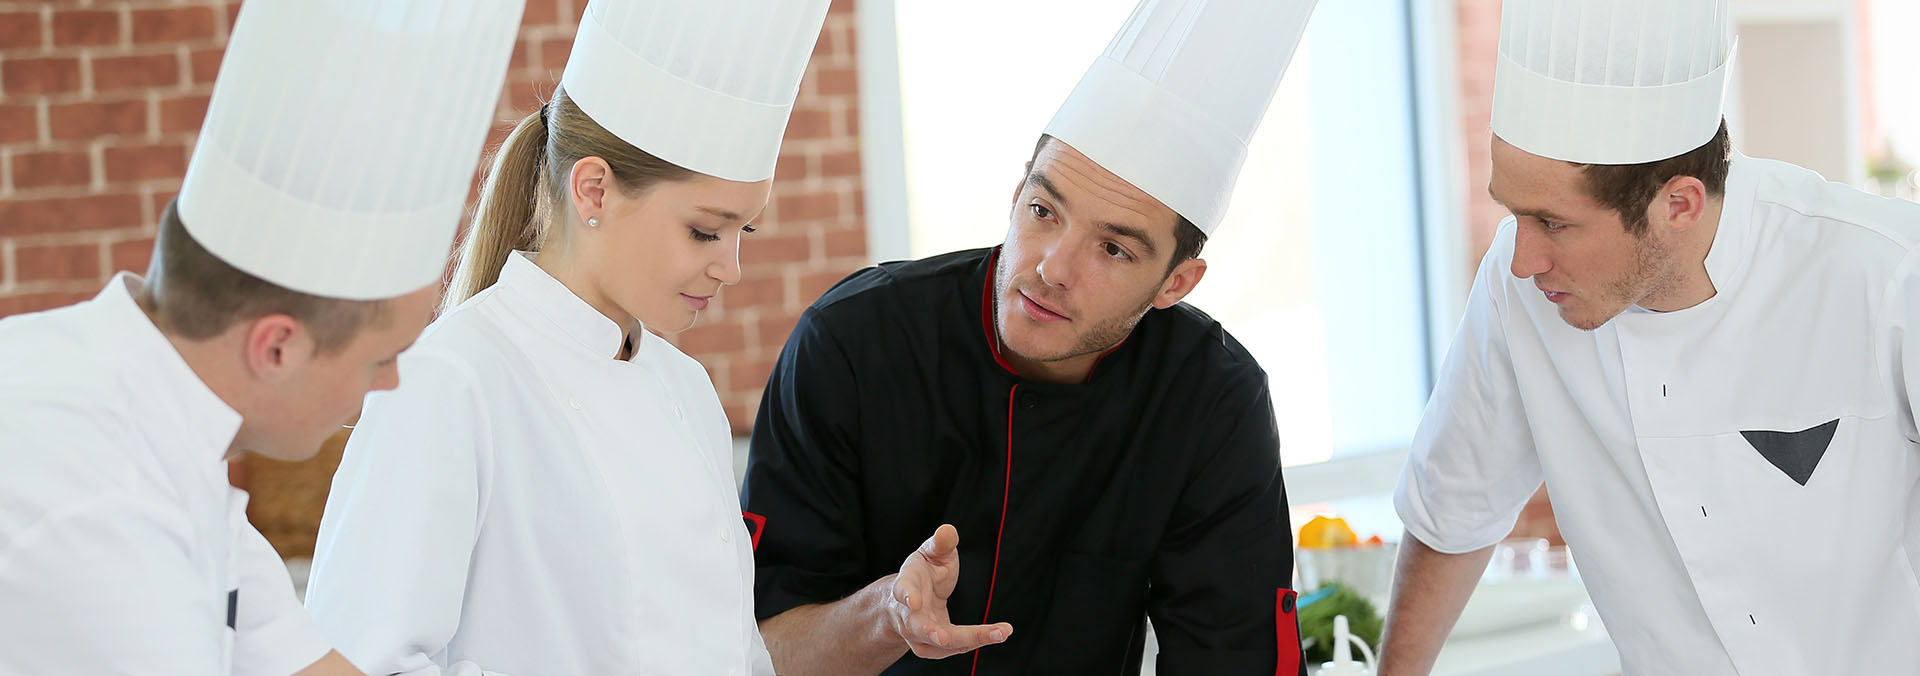 Gastronomi ve Mutfak Sanatları (İngilizce)